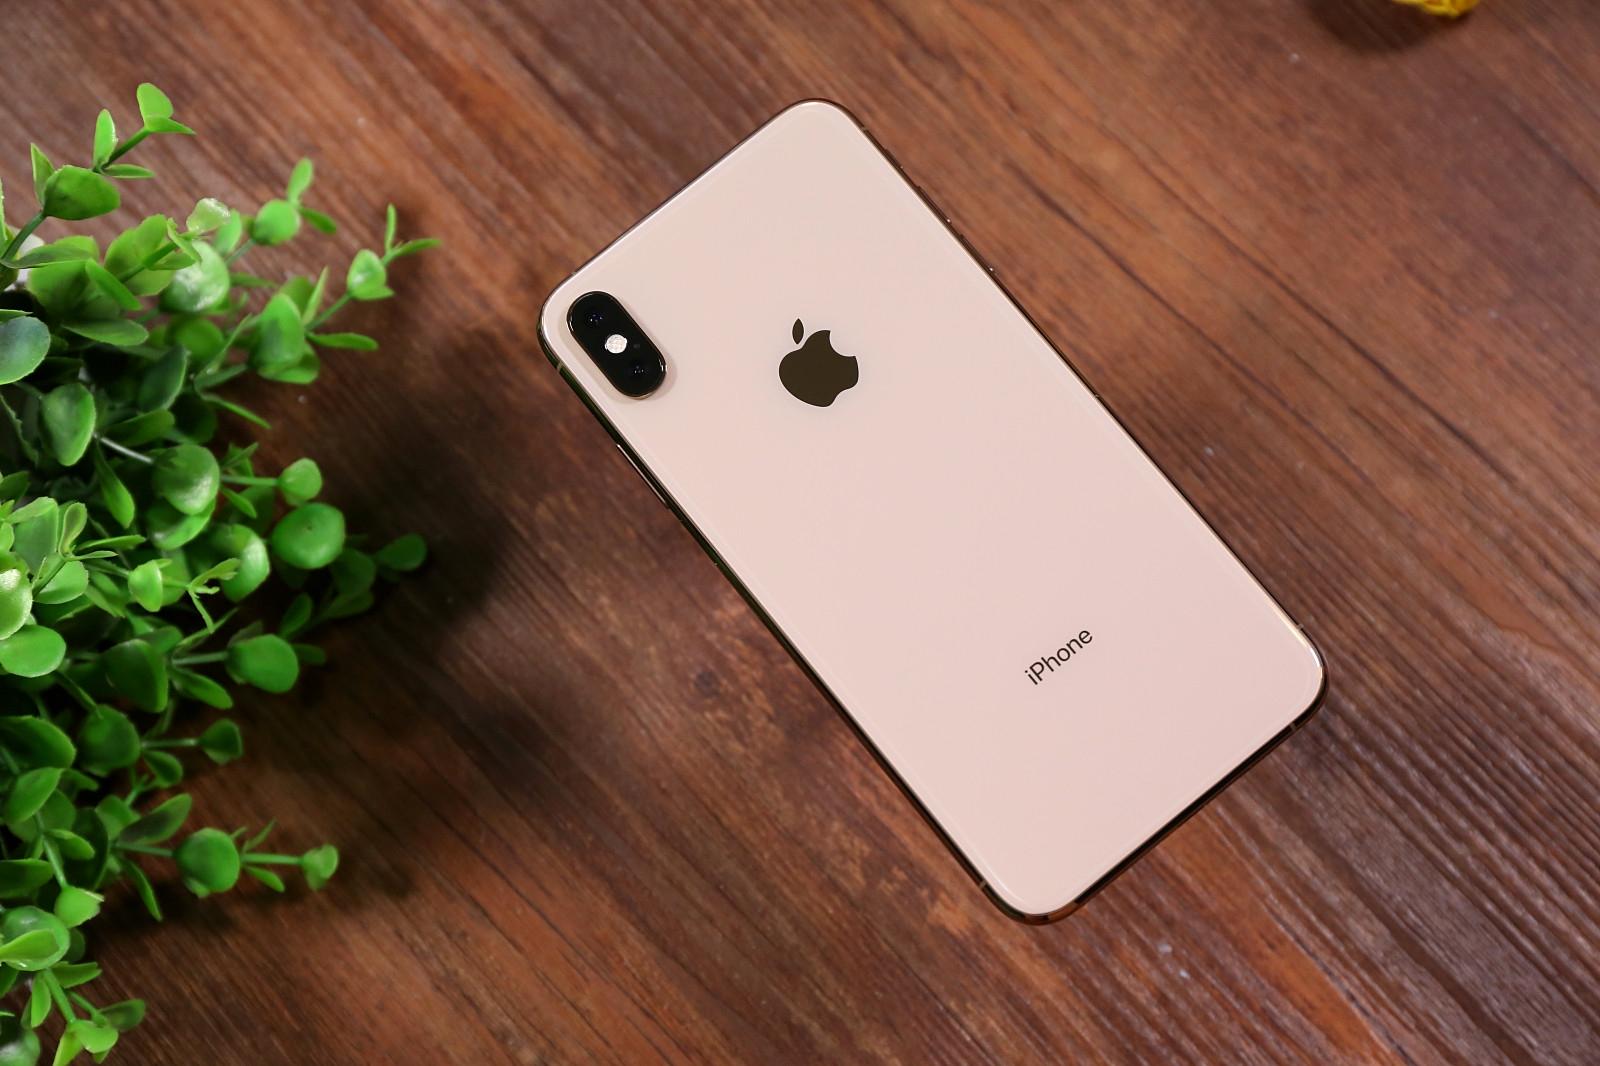 苹果着急申请新专利:在屏幕上进行钻孔 抛弃刘海屏